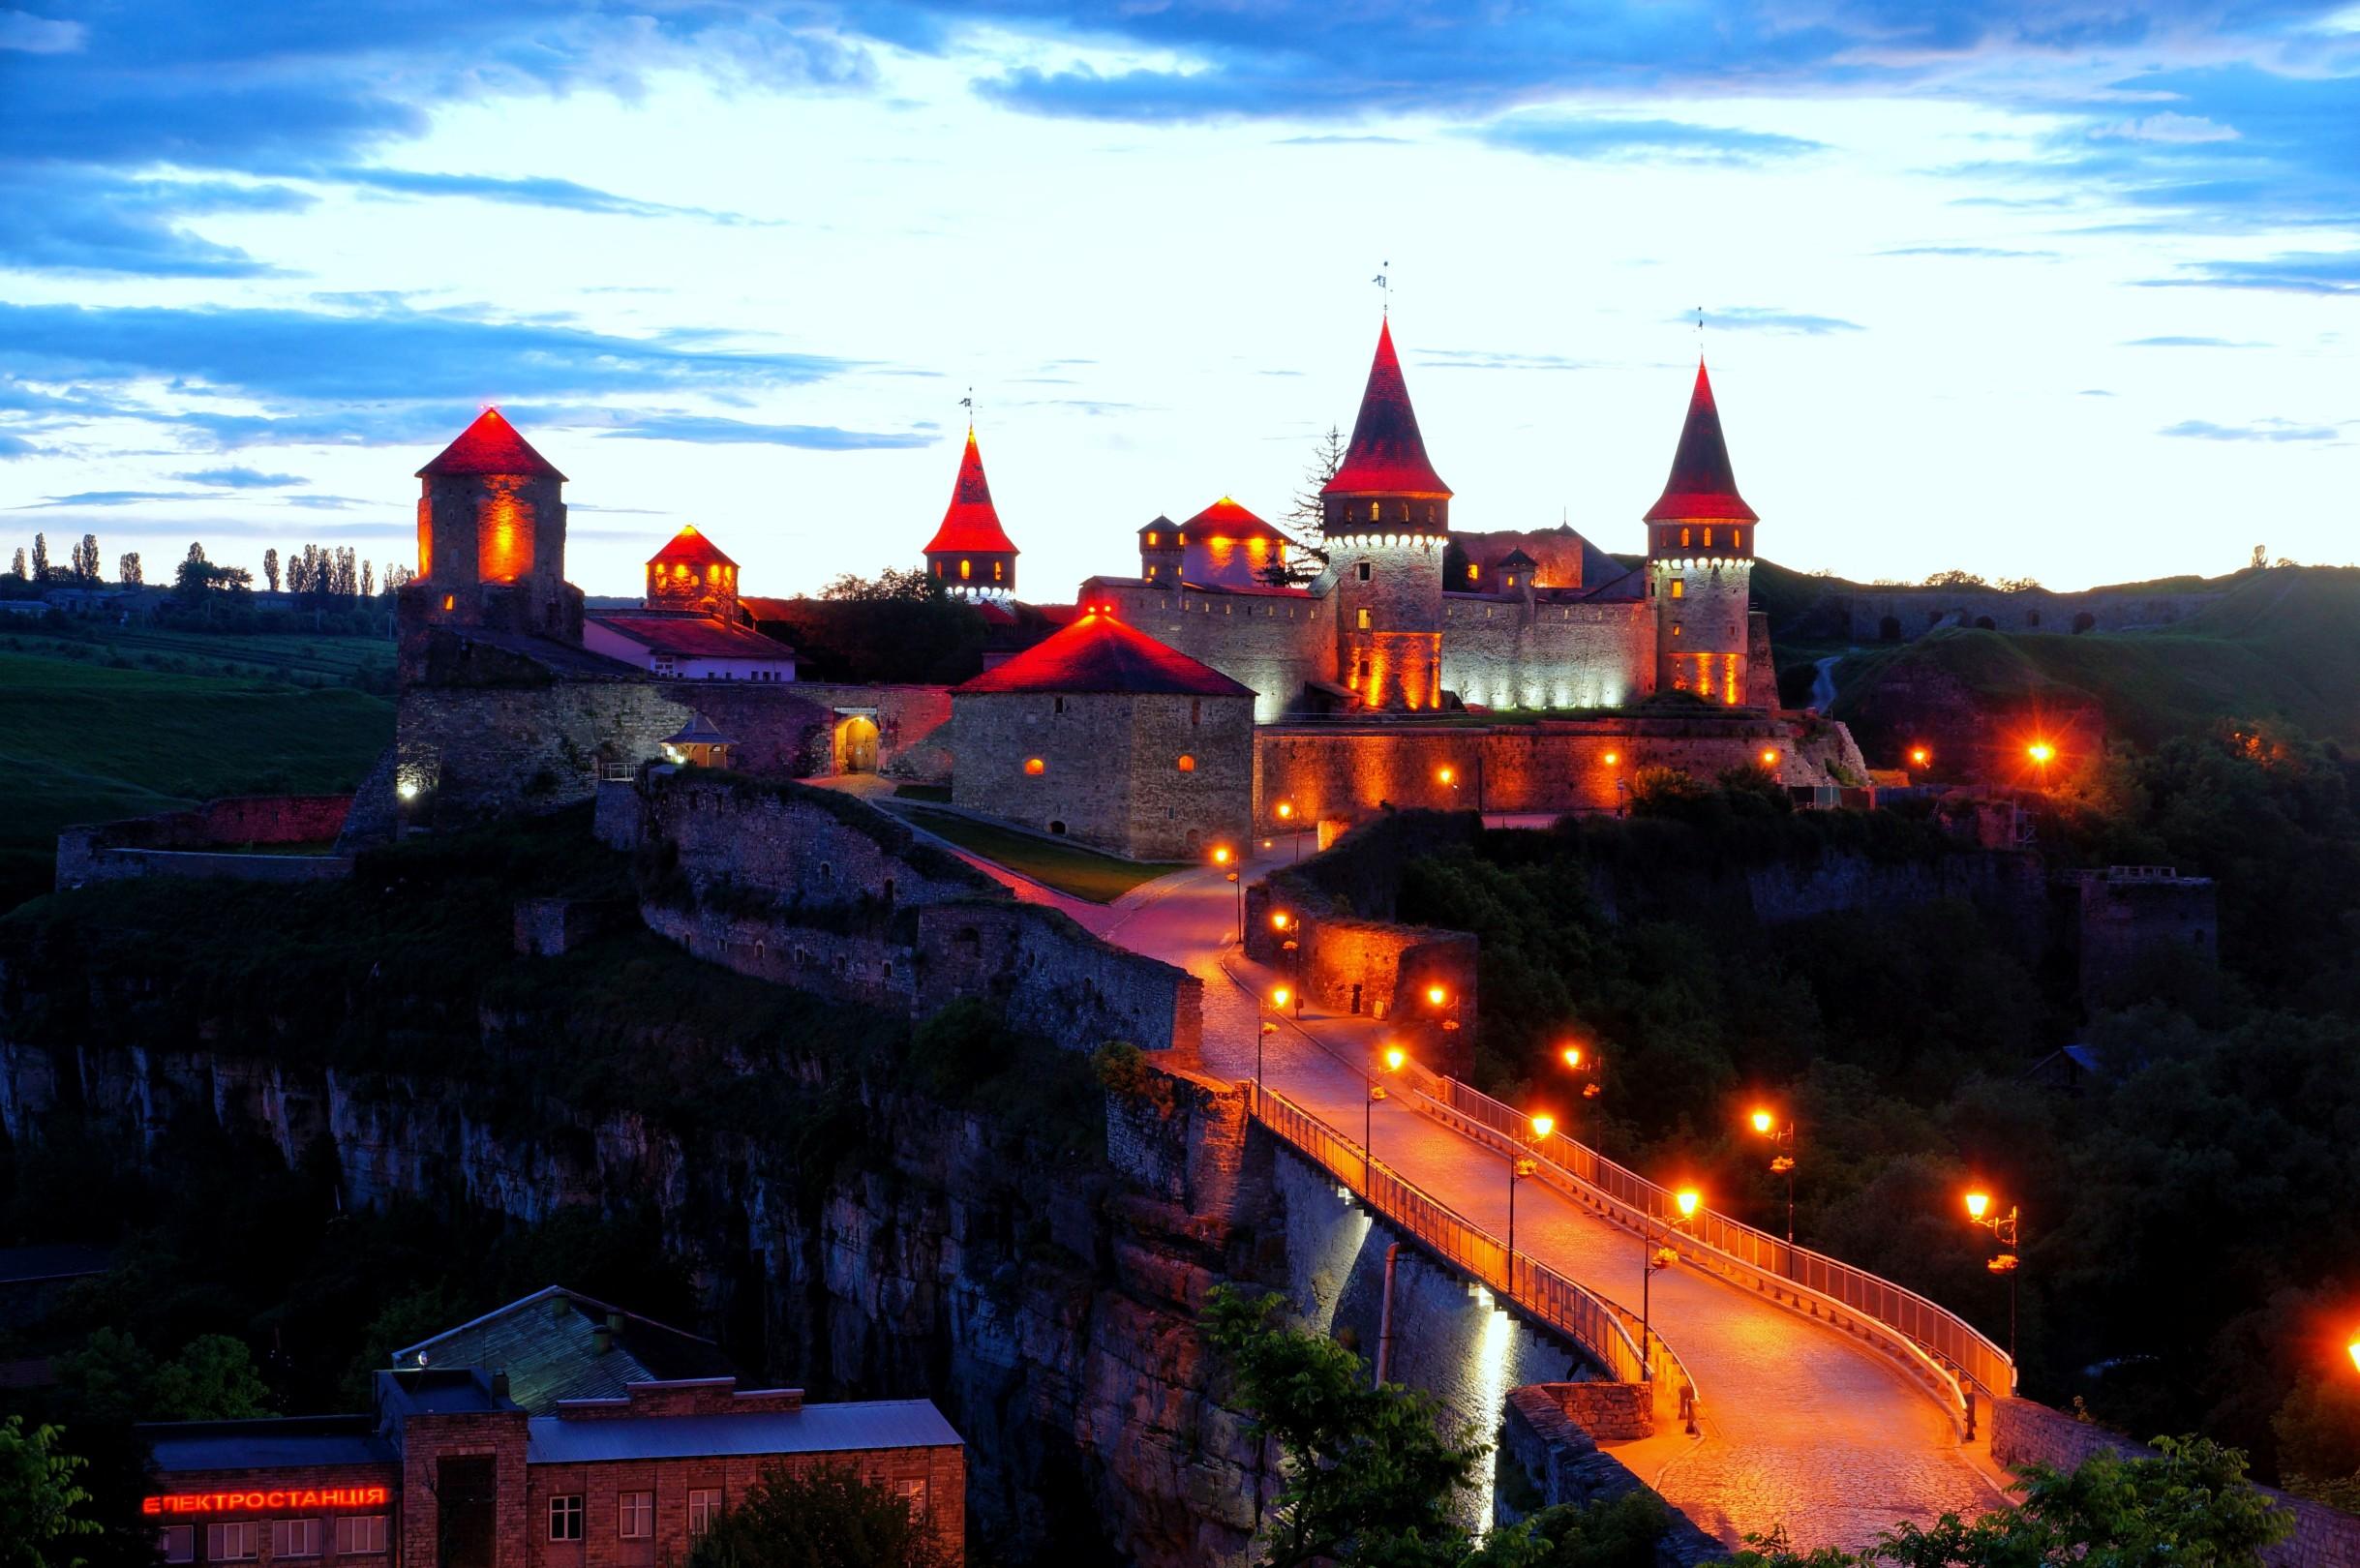 Zamek w Kamieńcu Podolskim nocą